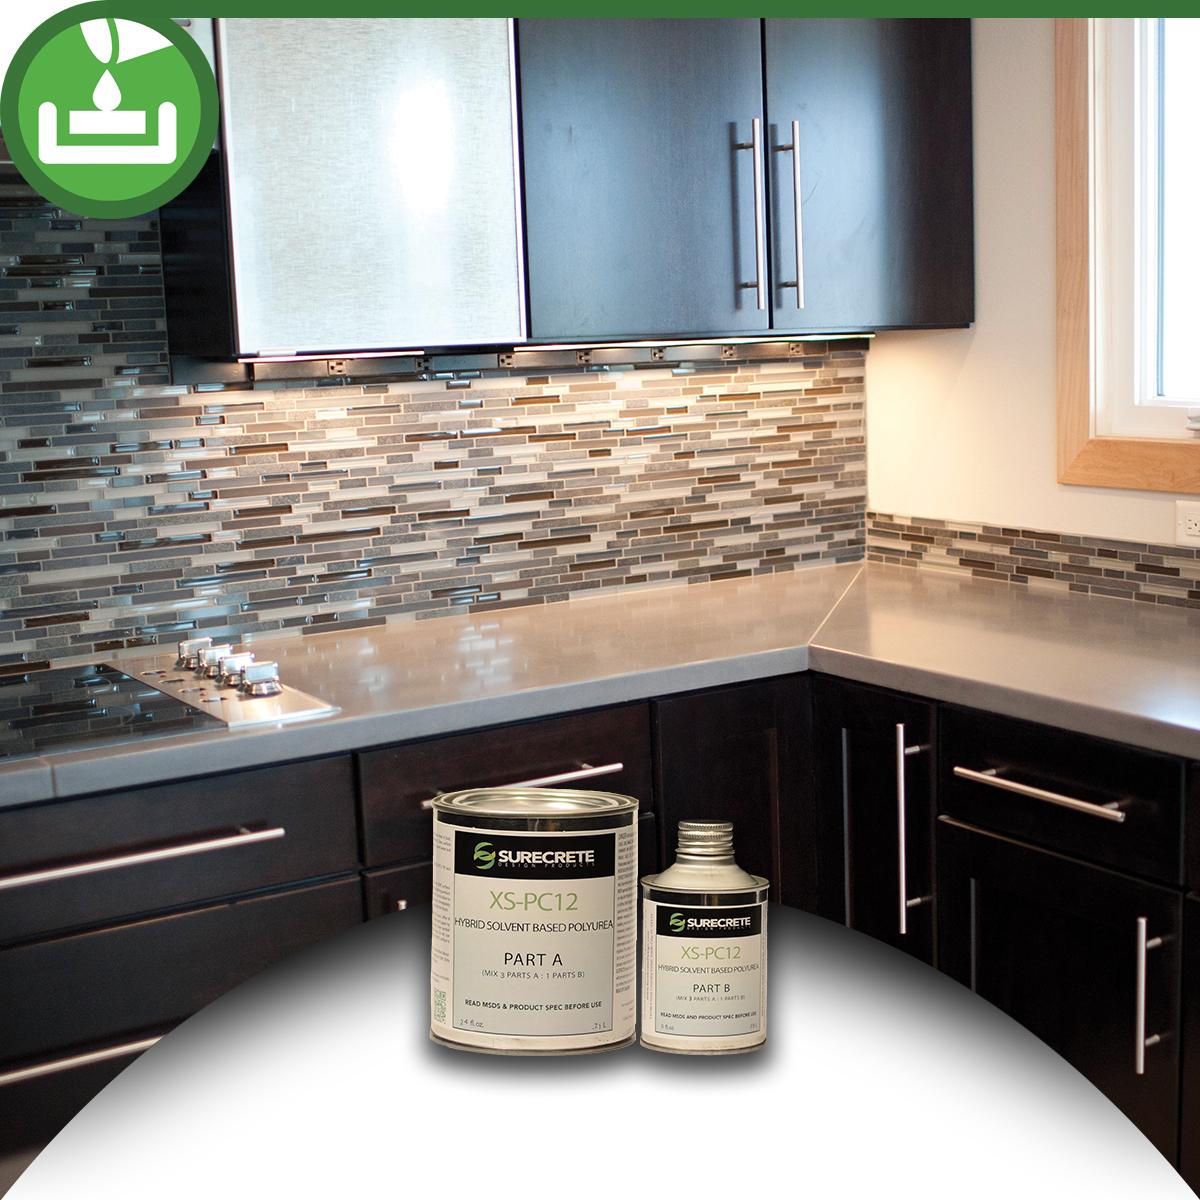 High Gloss Countertop Sealer Kit - BDC Supply Company